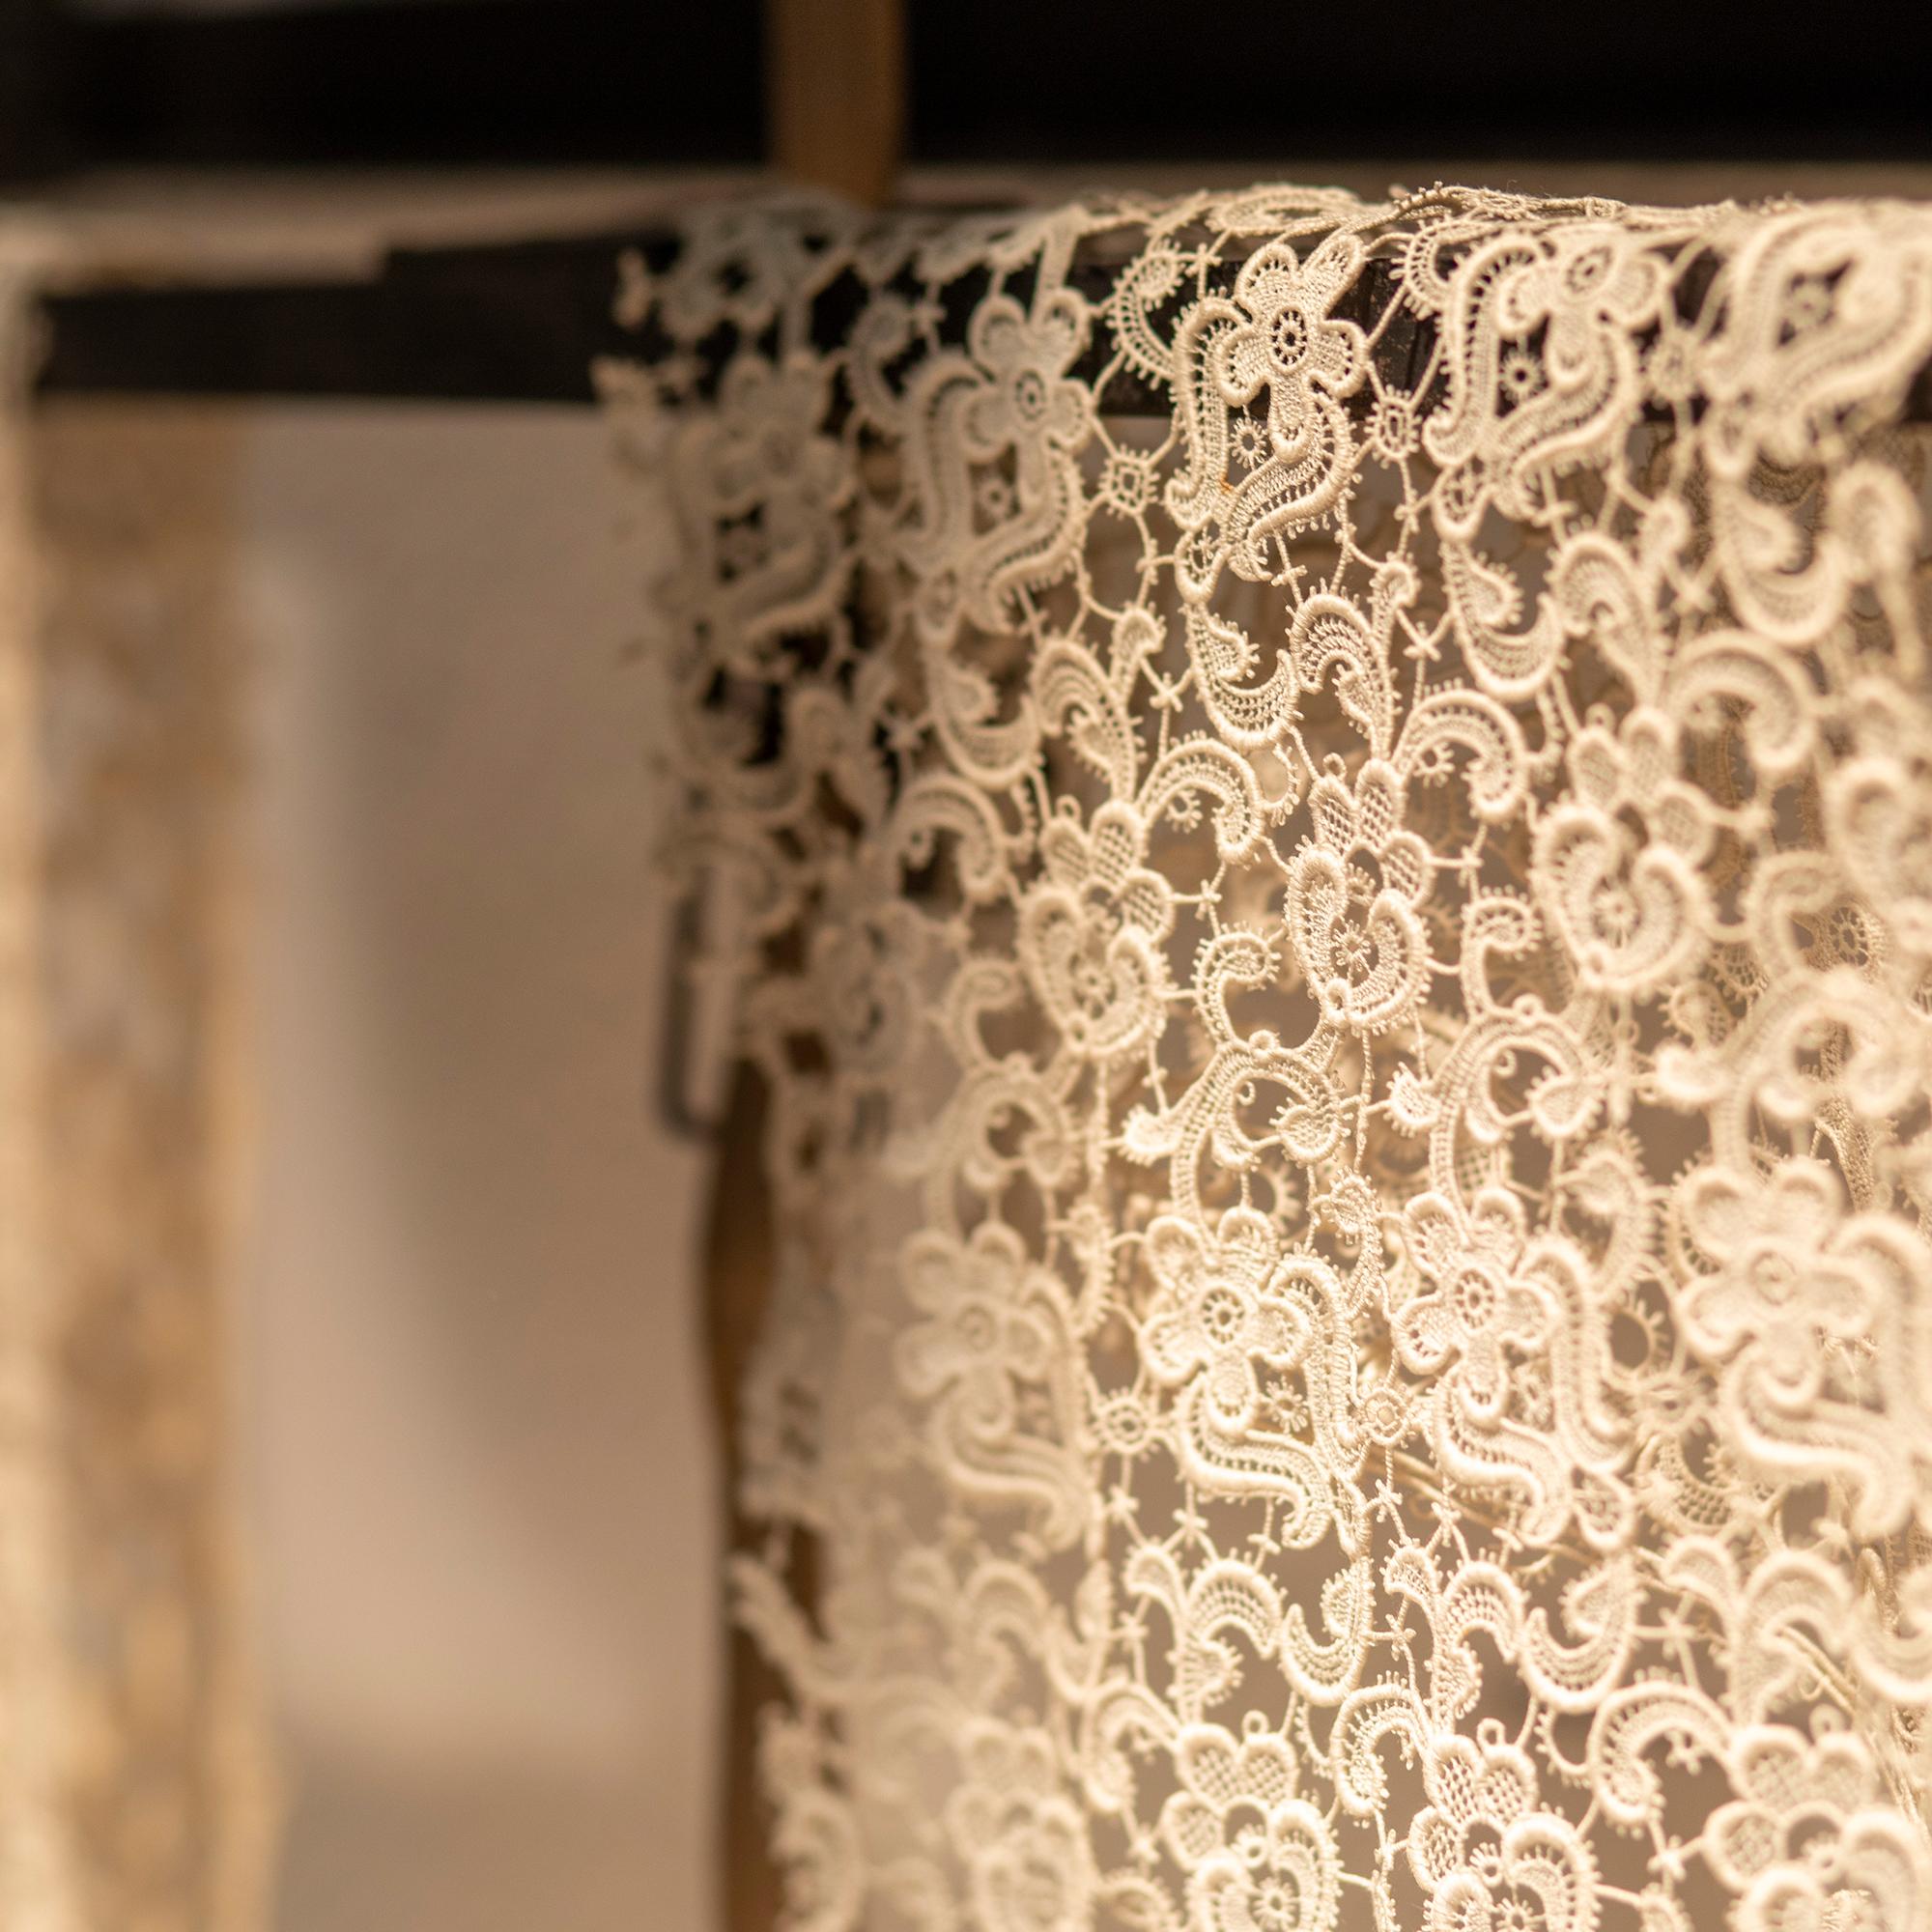 Bischoff Textil AG - Museum St. Gallen - Stickerei